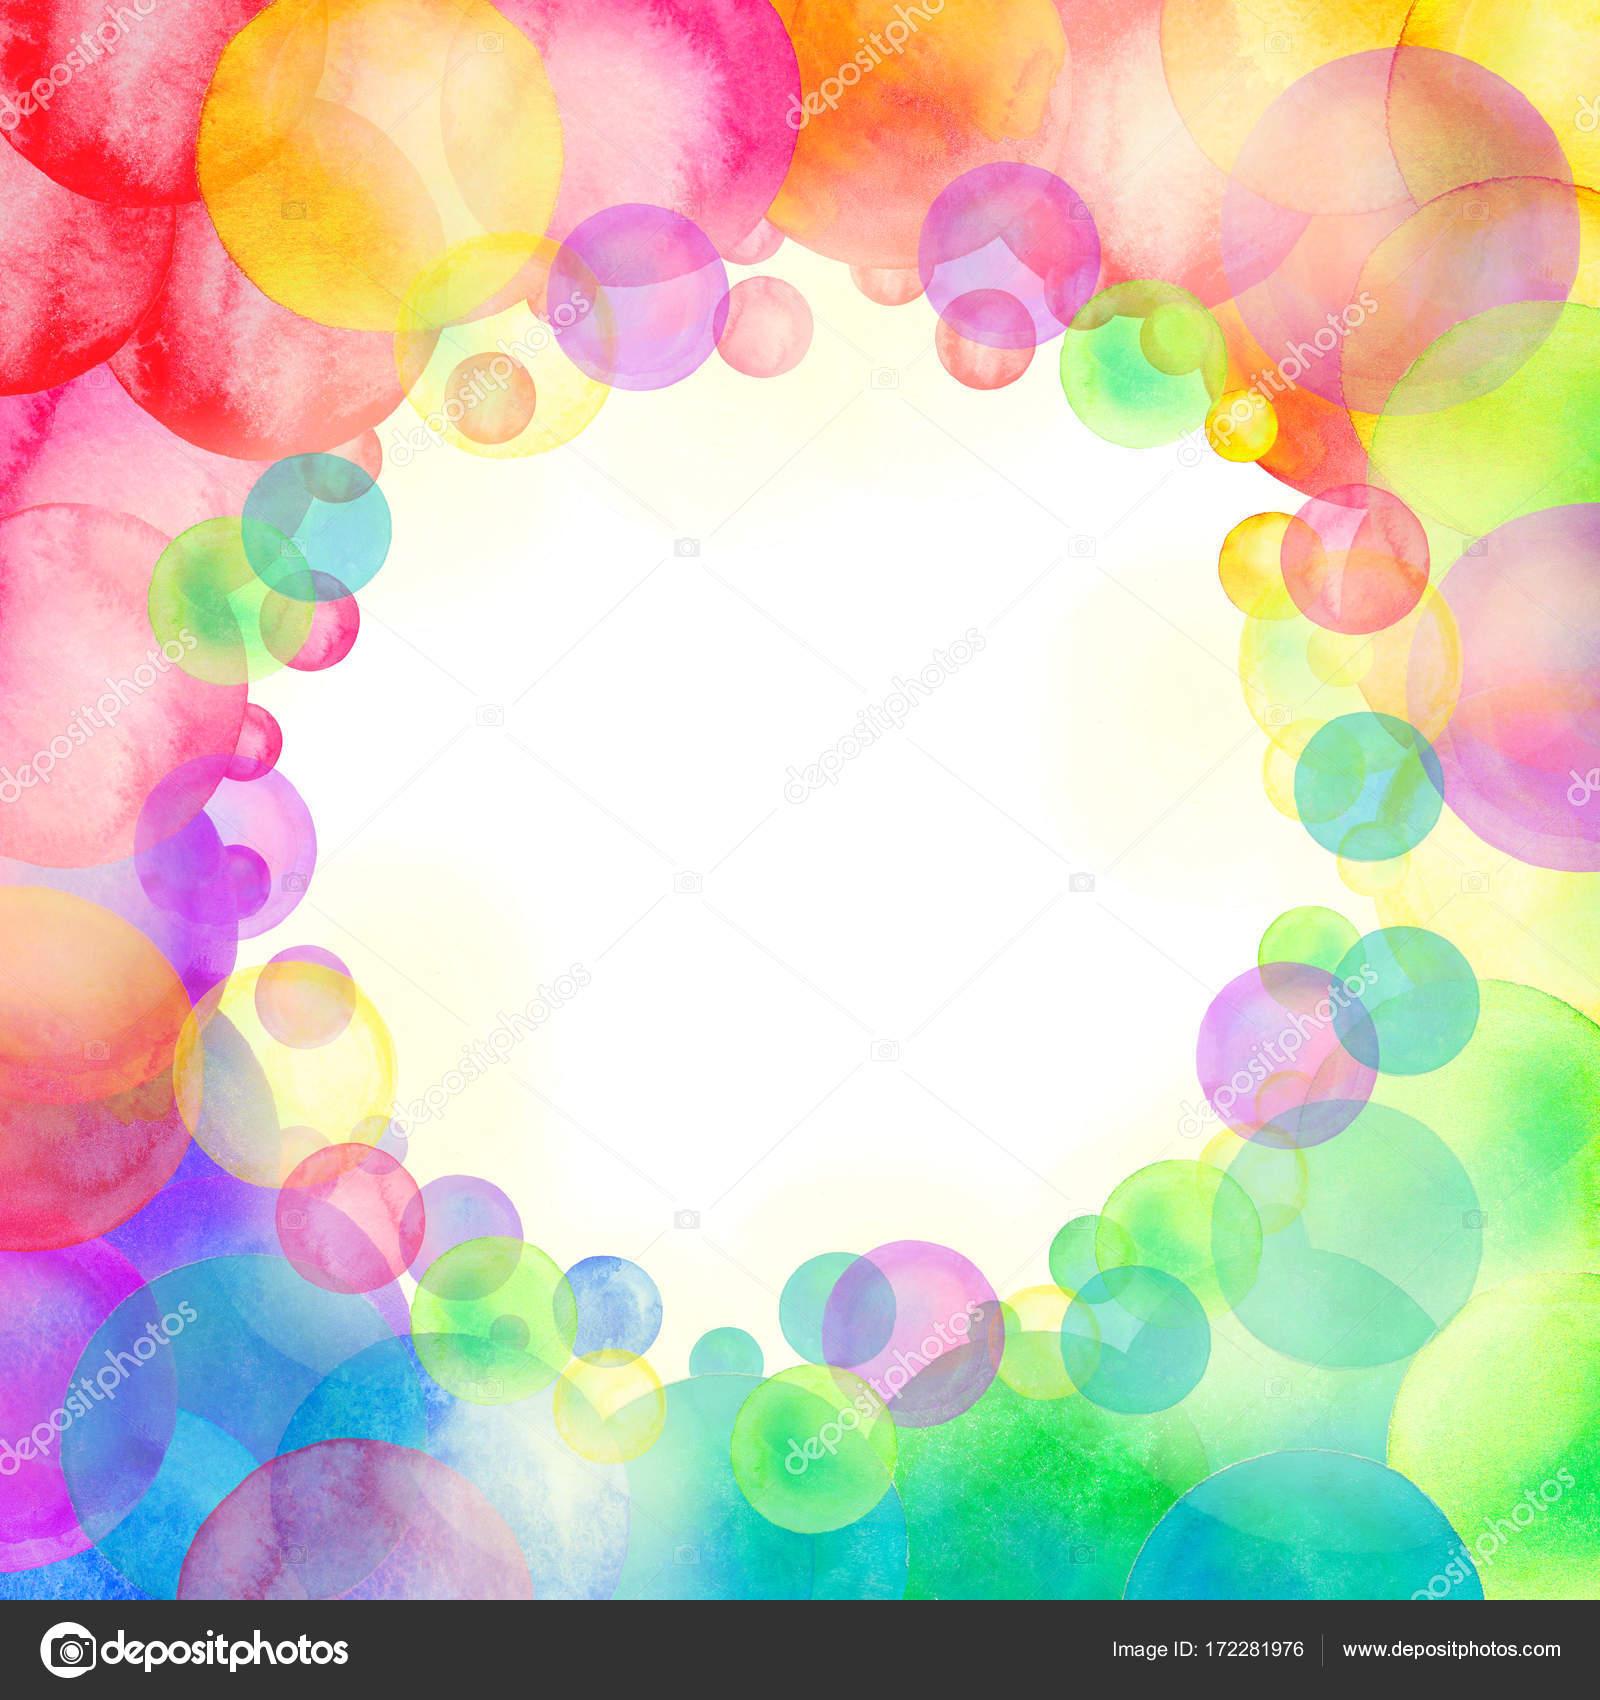 Rainbow Colored Watercolor Confetti Pattern Dense Watercolor